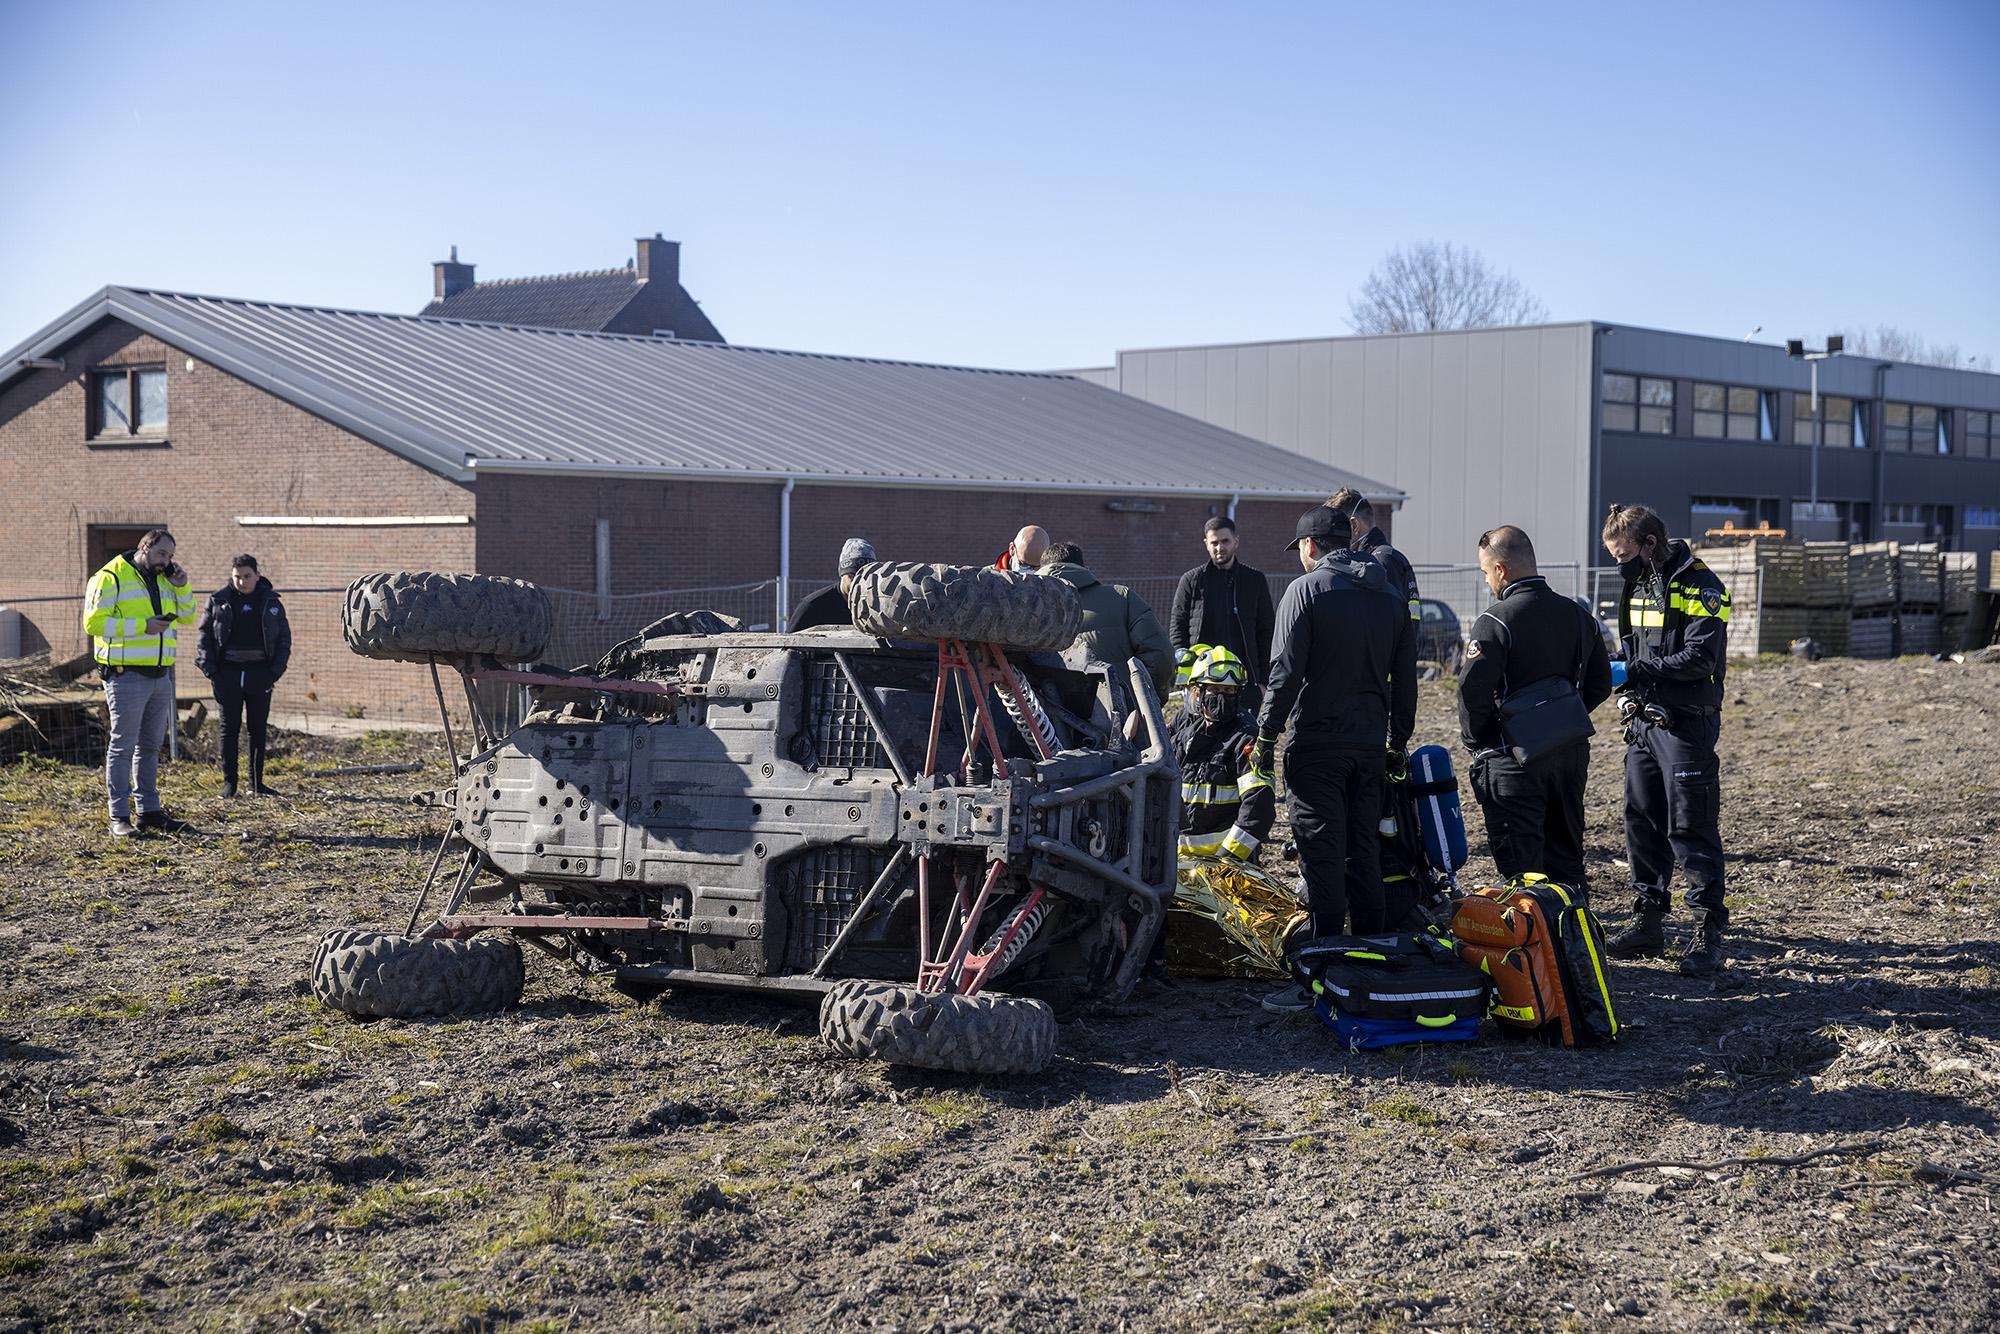 Man gewond bij ongeval met buggy in weiland naast N205 in Vijfhuizen